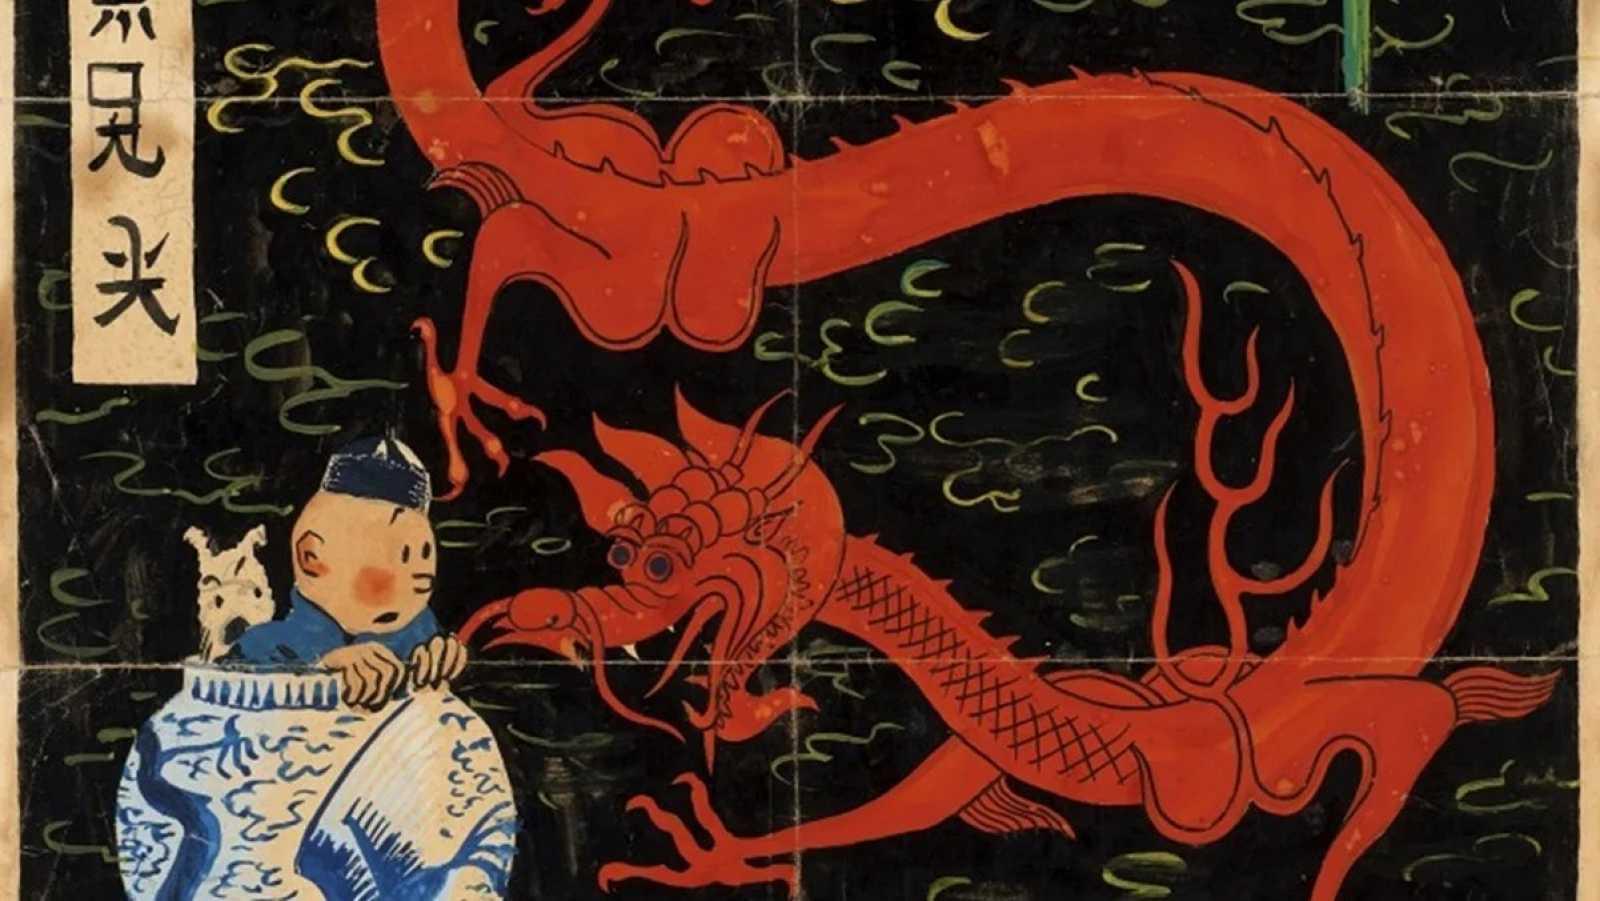 La portada de Tintín vendida por 3 millones de euros, un récord para el cómic